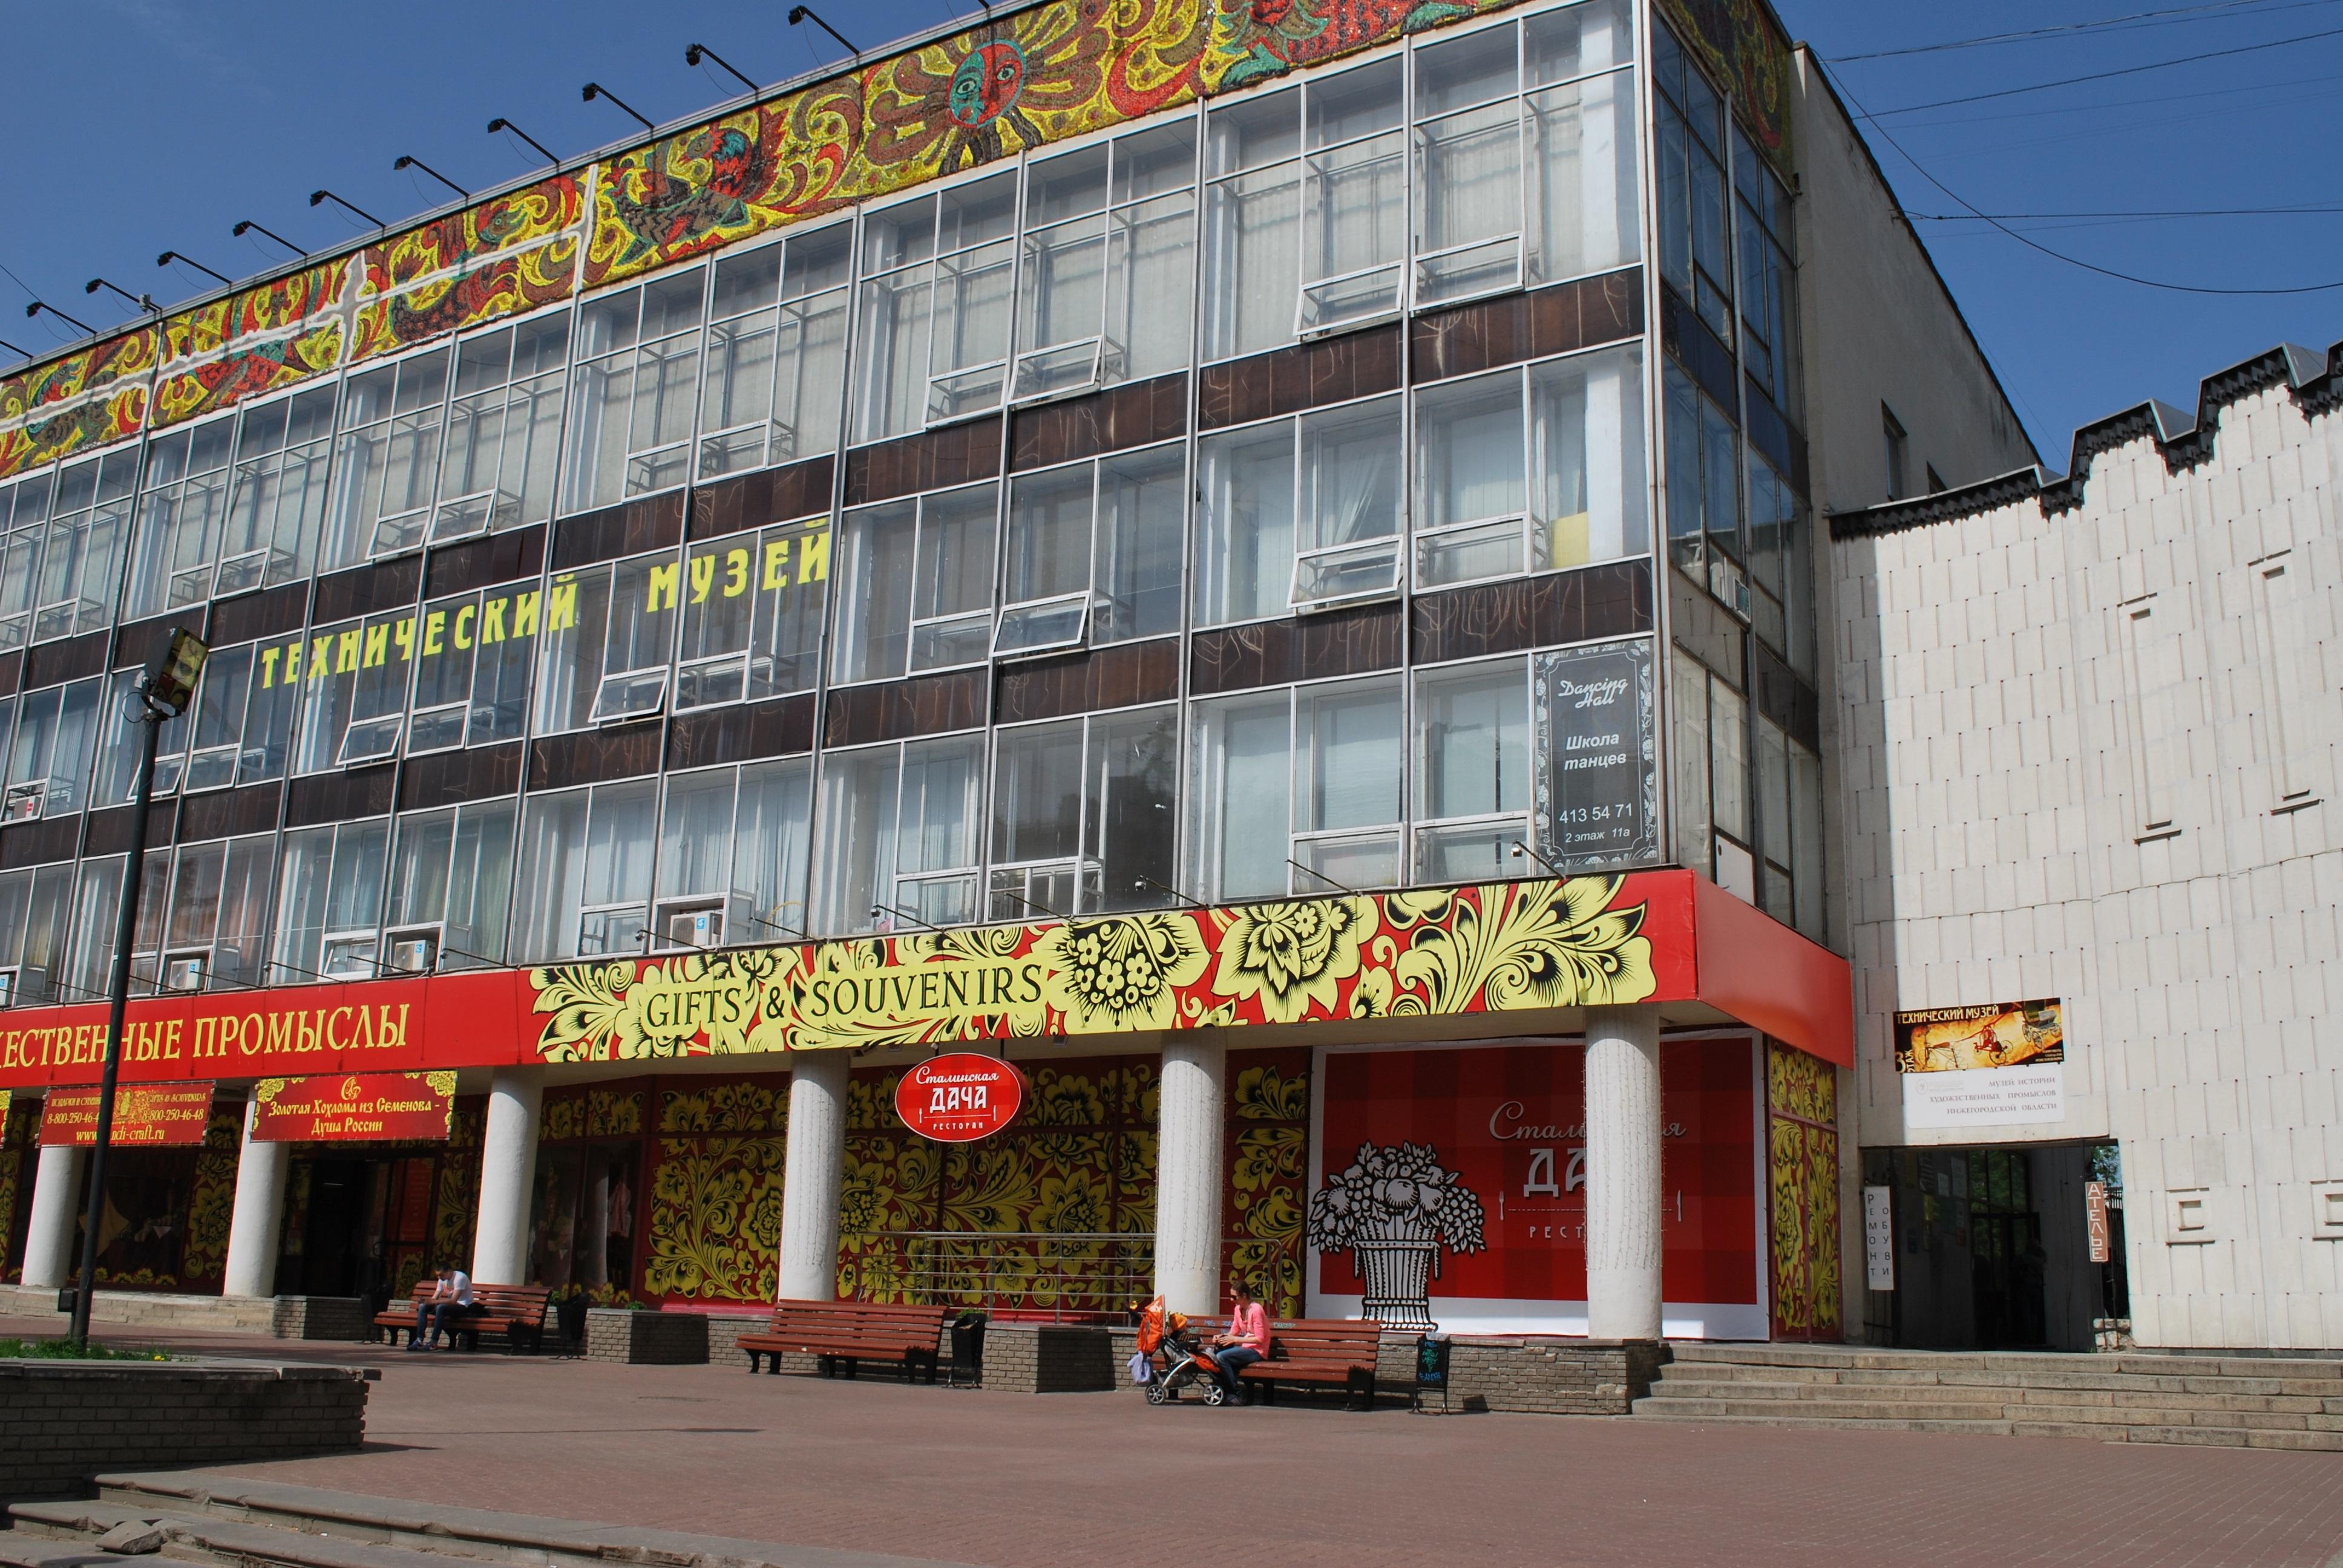 Нижегородский Технический музей